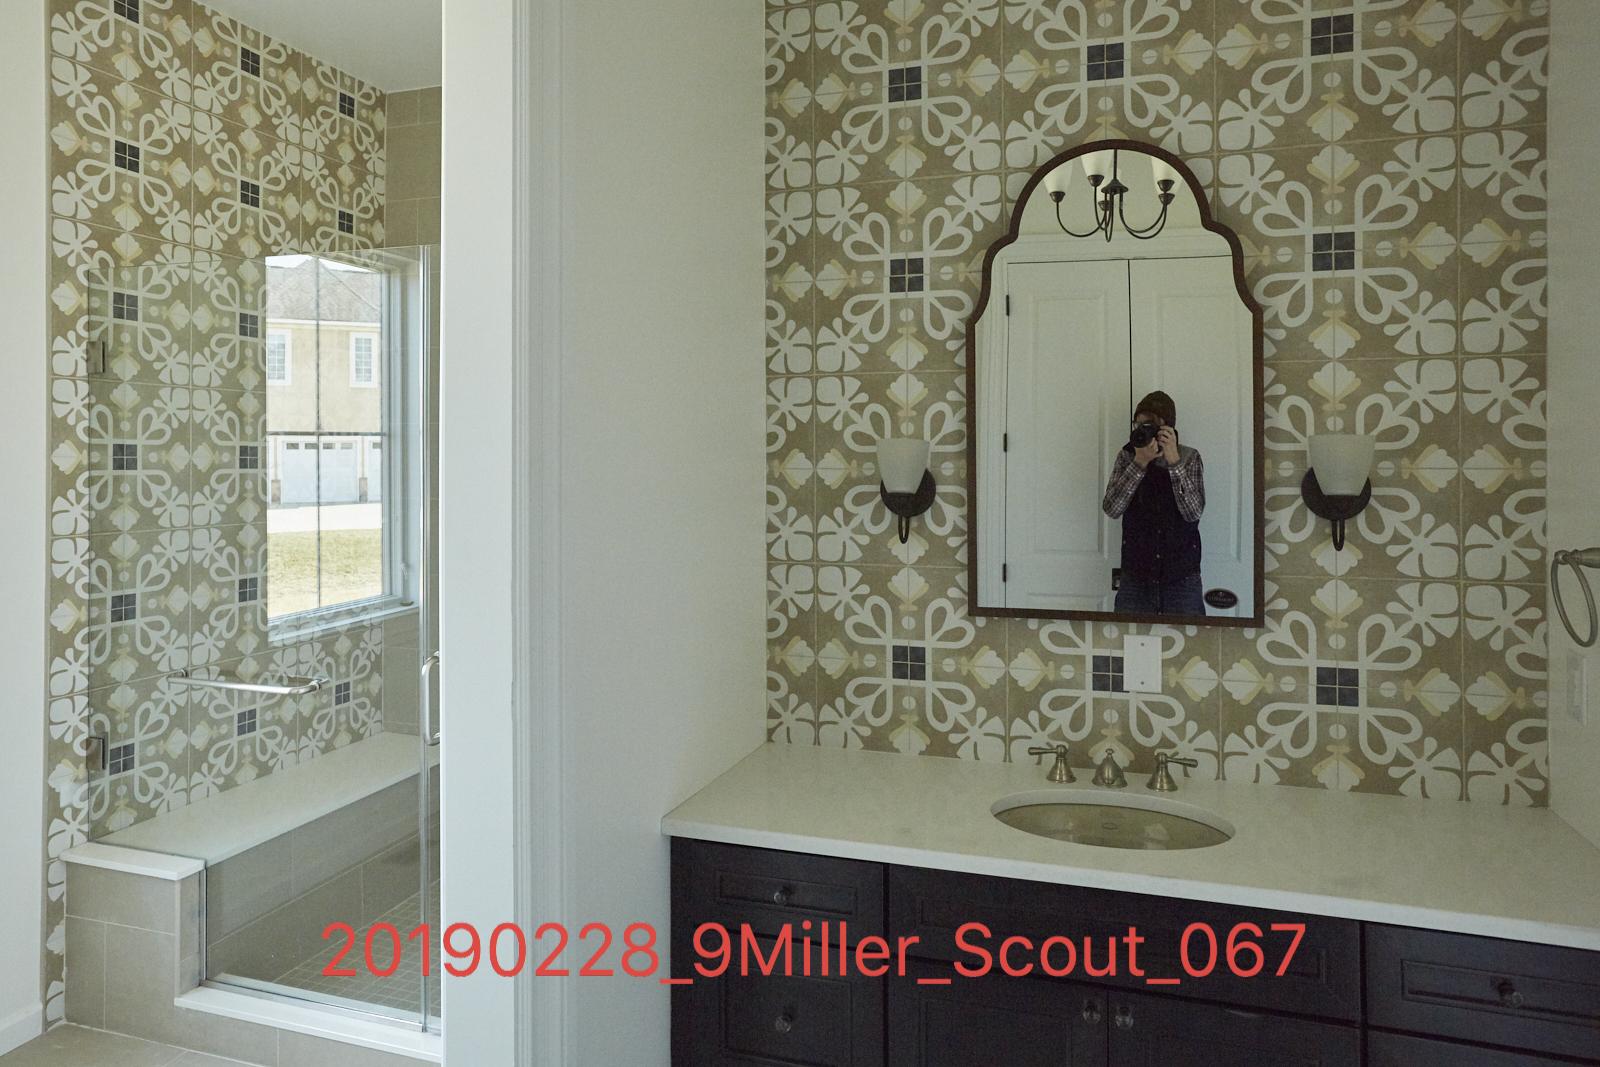 9Miller_Web Gallery_084.jpg